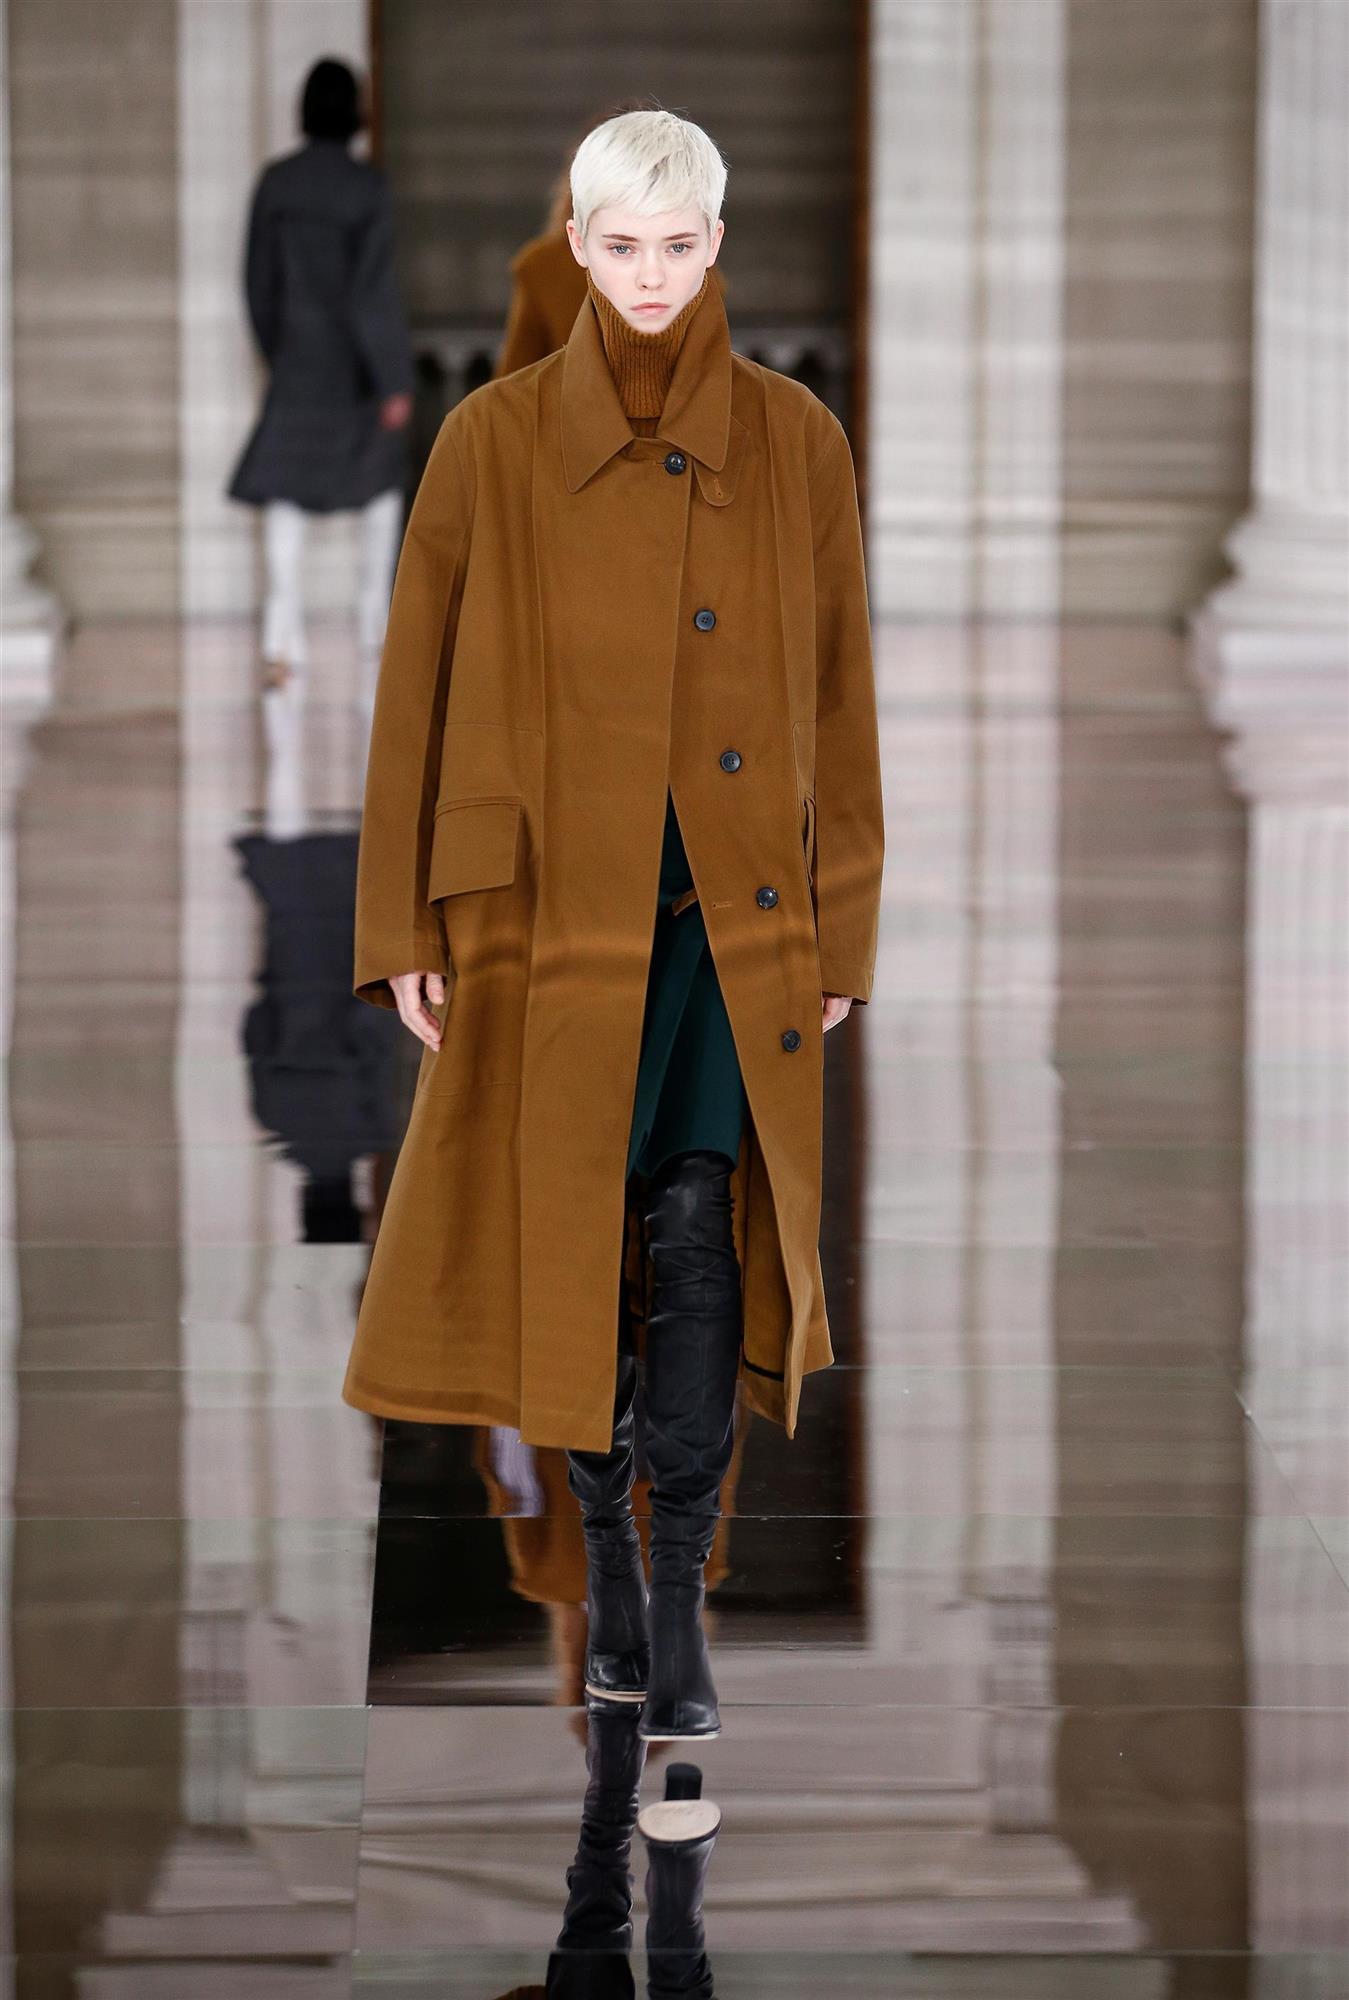 Semana de la moda de Londres, Victoria Beckham